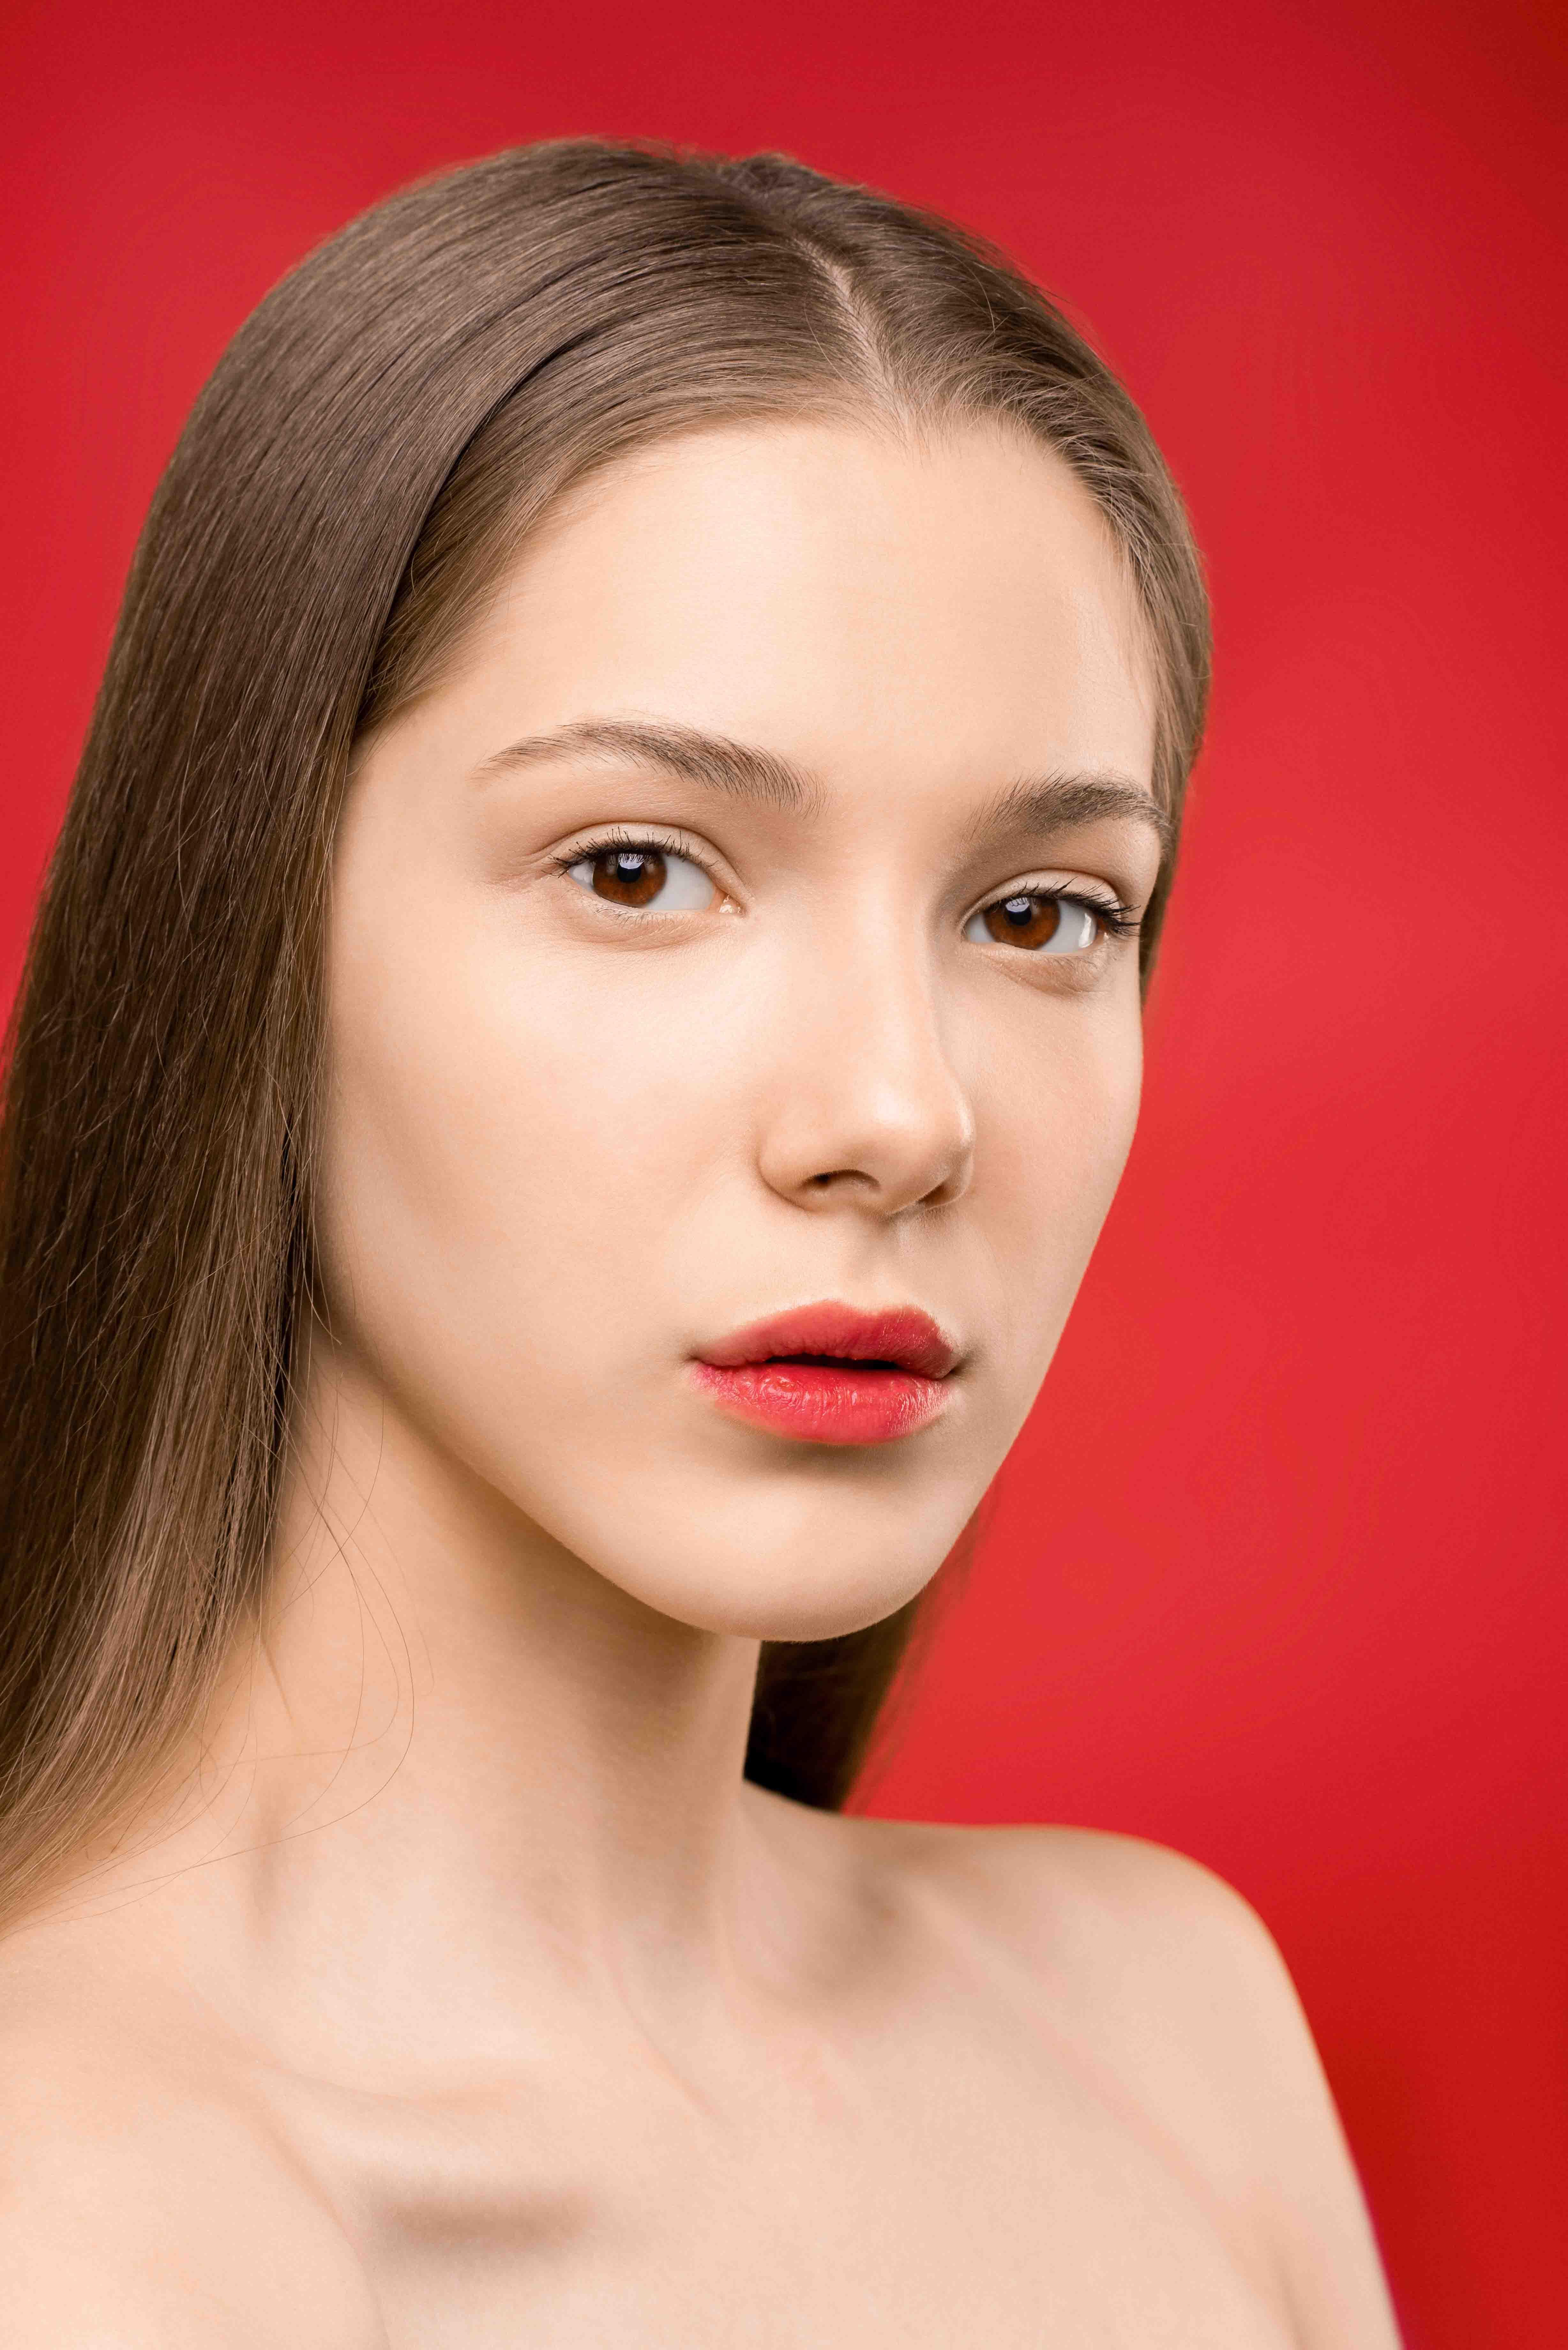 cung hoàng đạo môi đỏ